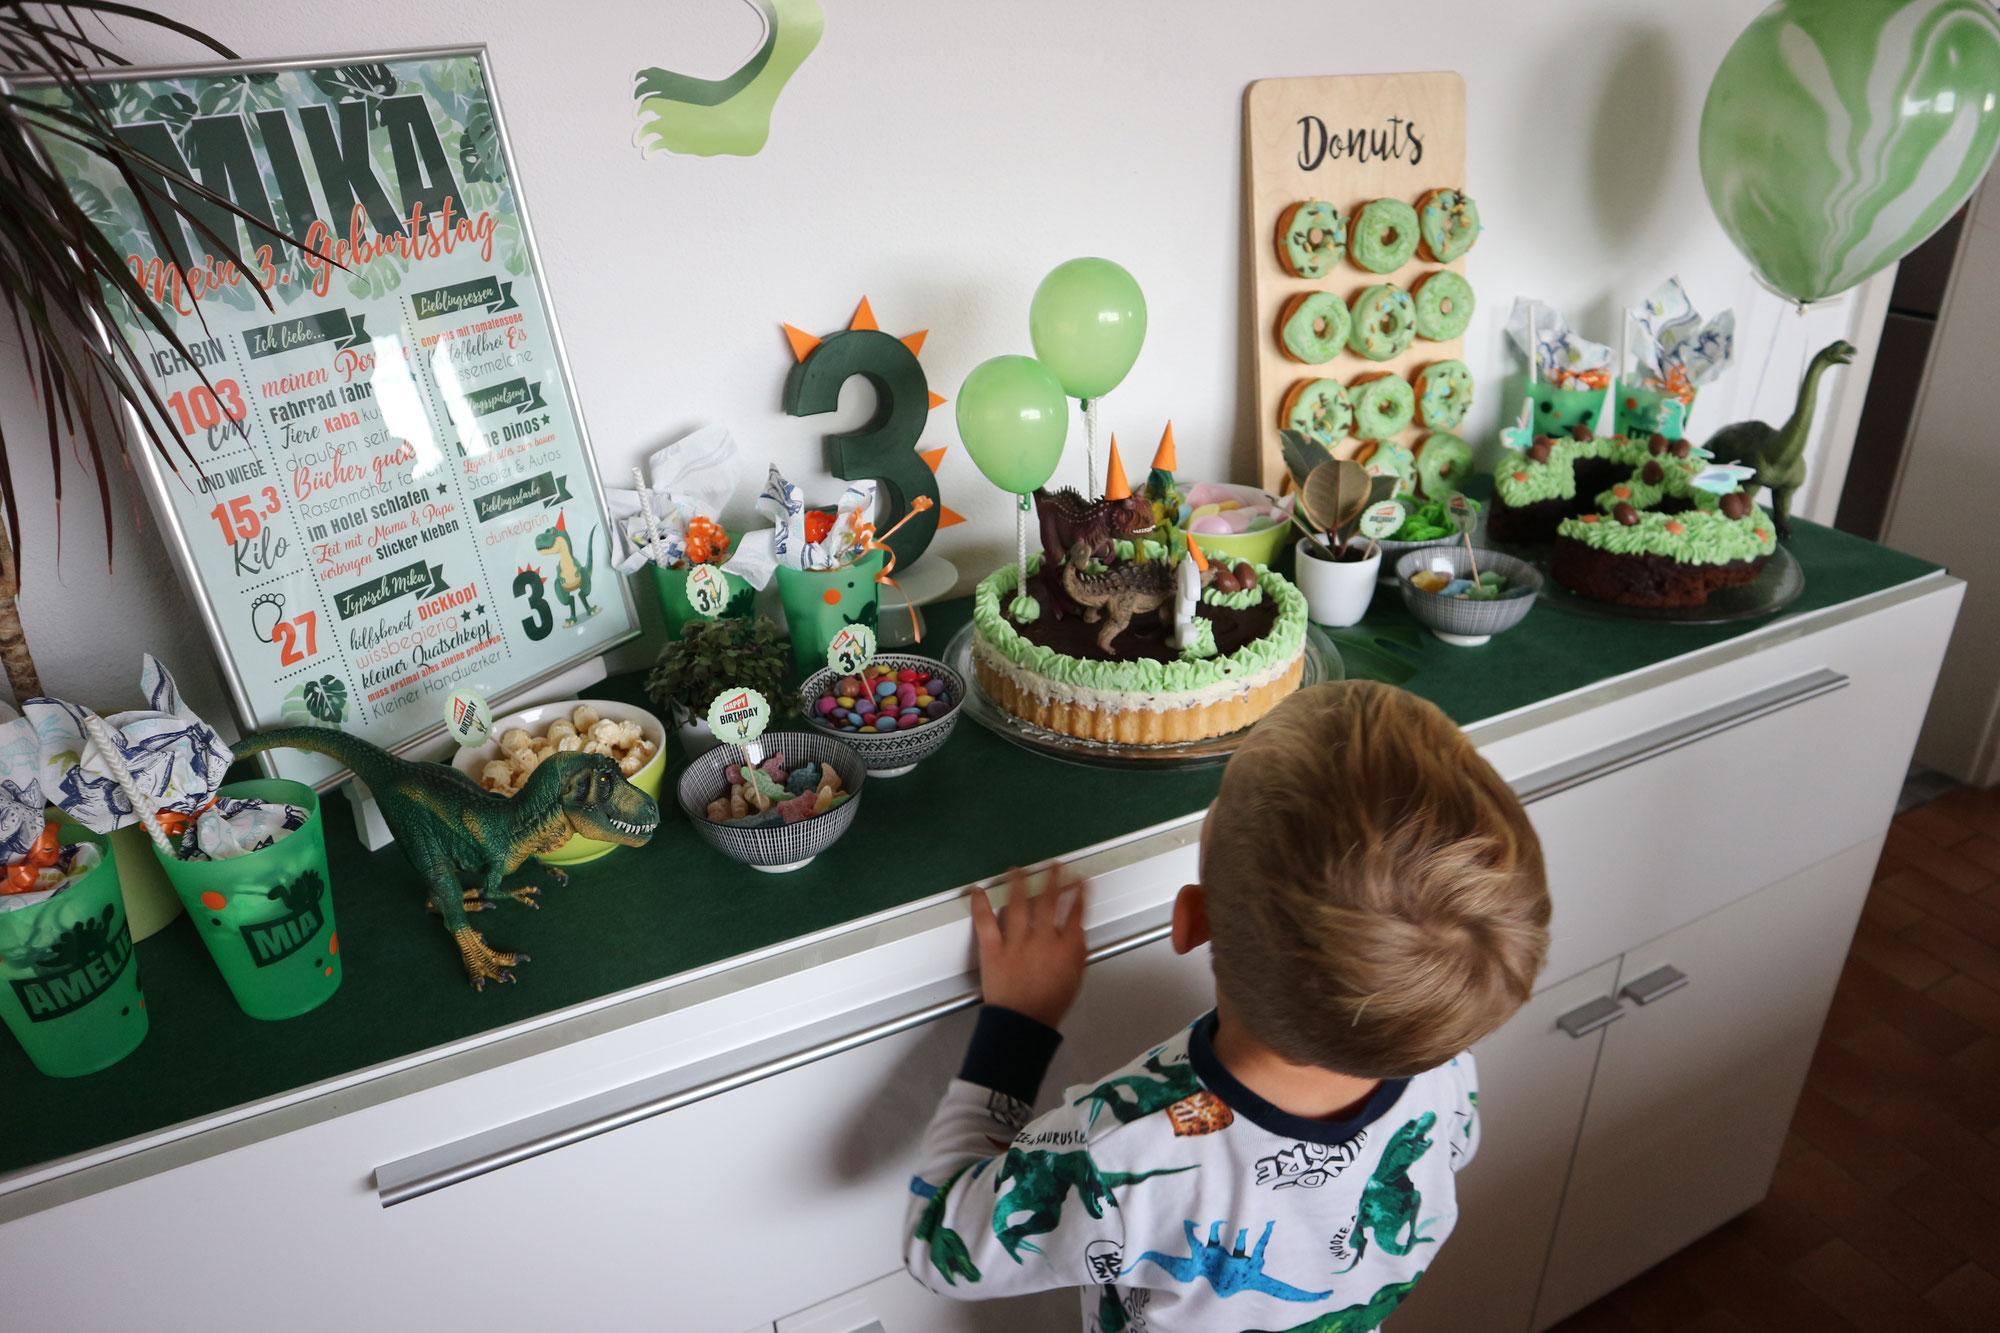 Unsere Dinoparty zum 3. Geburtstag